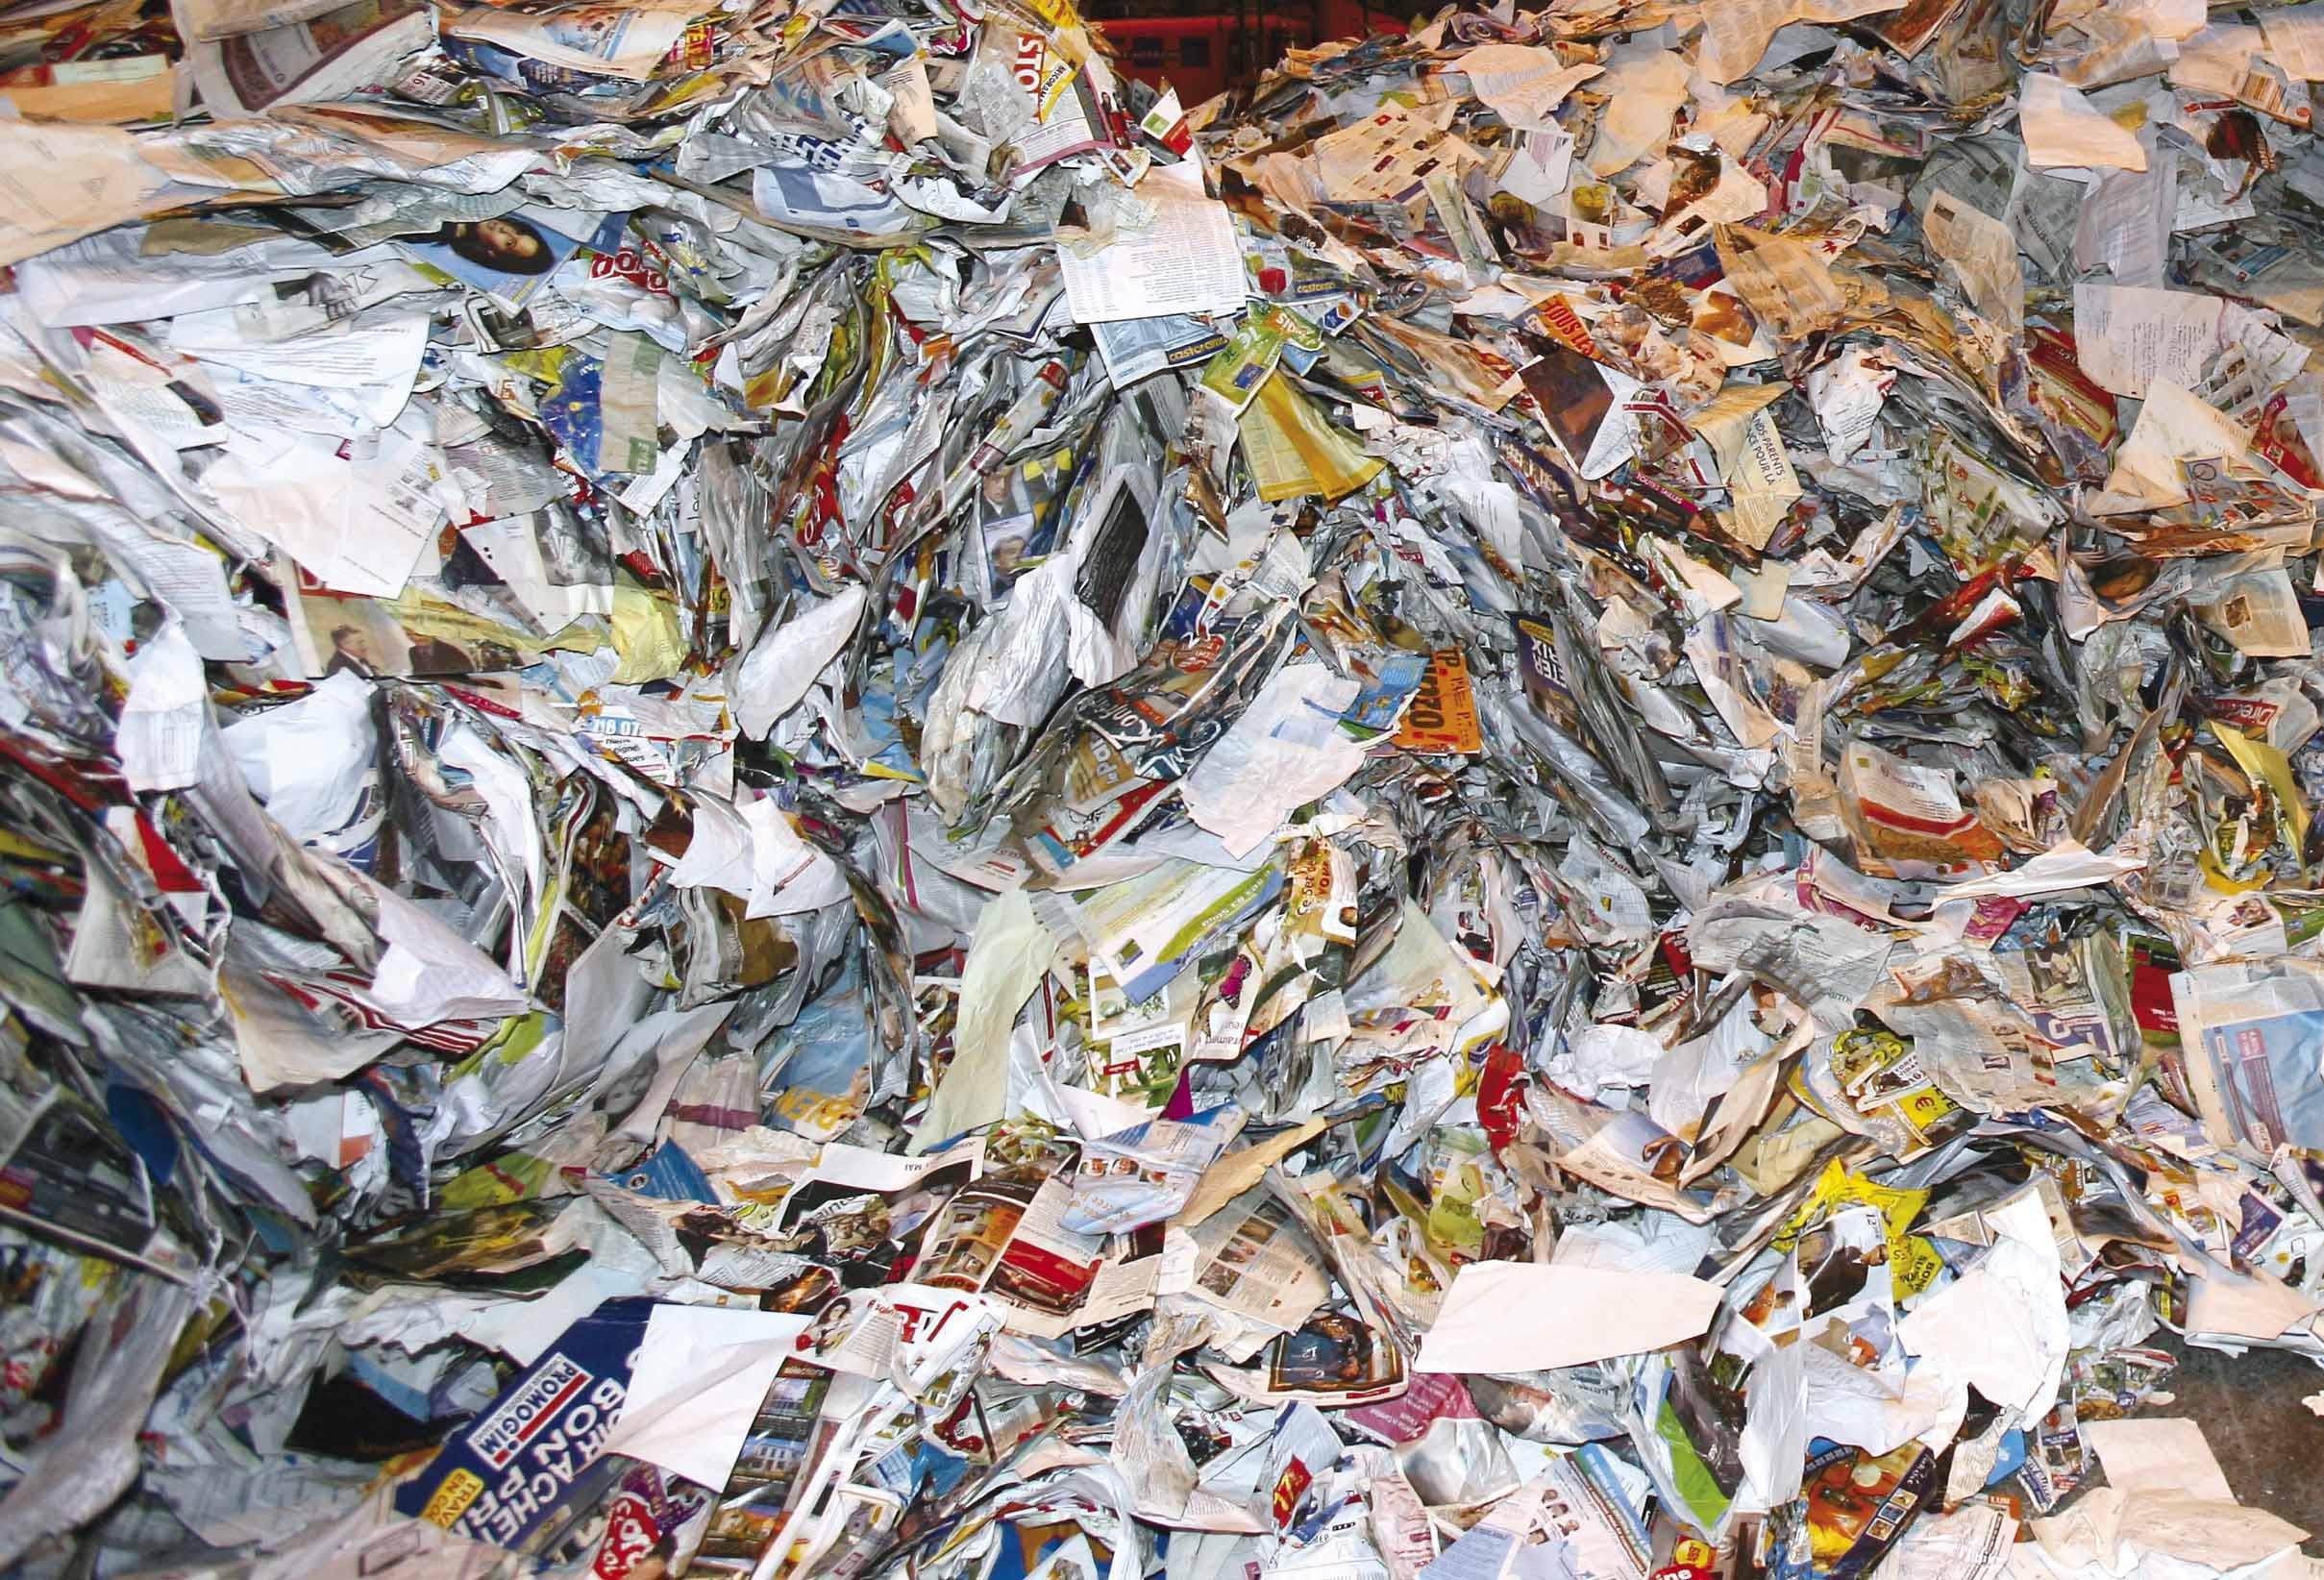 tas de papiers à recycler